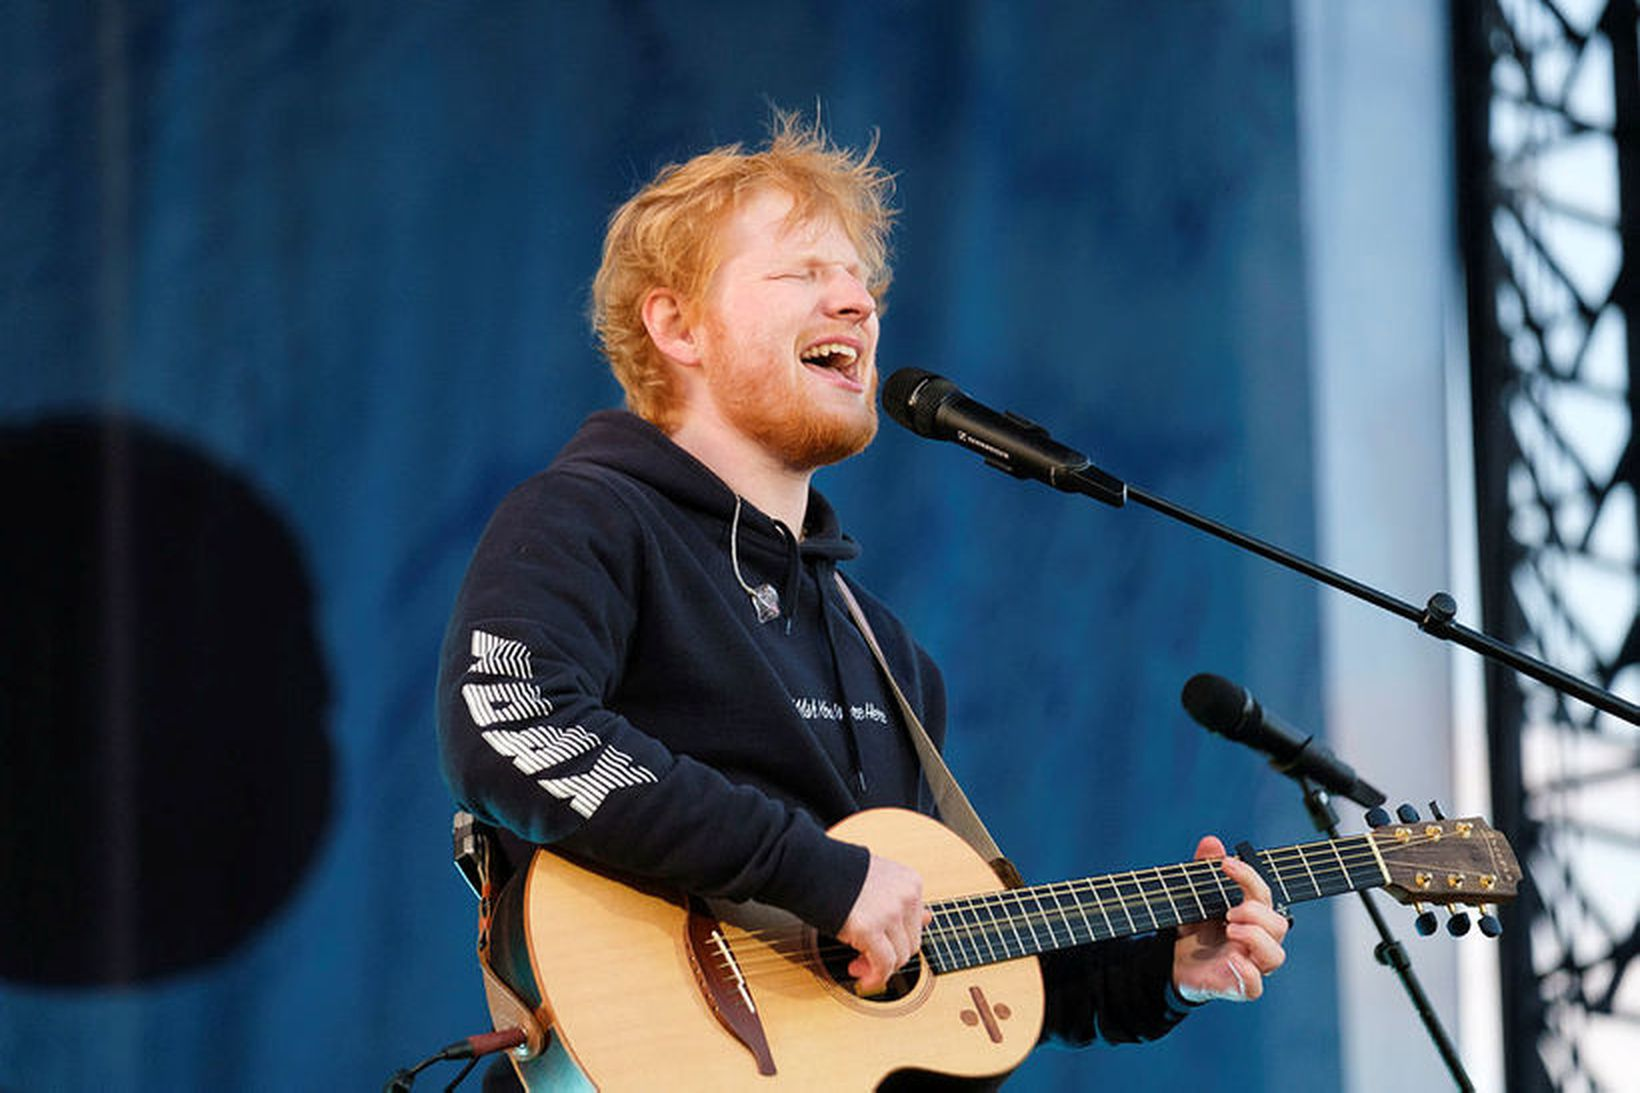 Sheeran virtist allavega skemmta sér.